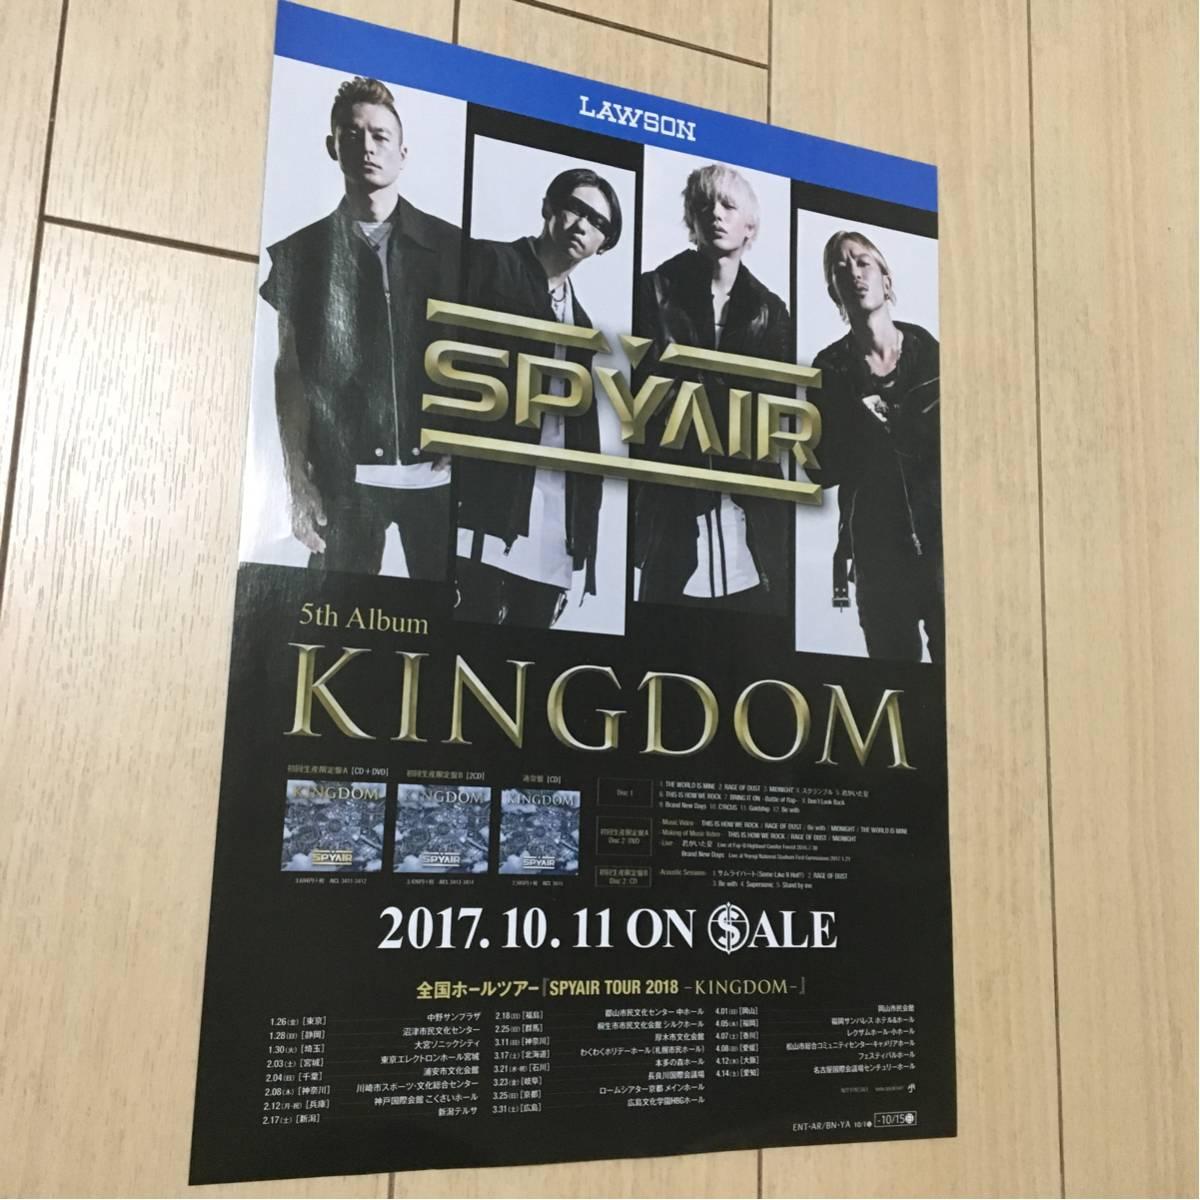 スパイエアー spyair ライブ 告知 チラシ コンサート アルバム cd 発売 5th album kingdom 2017 バンド